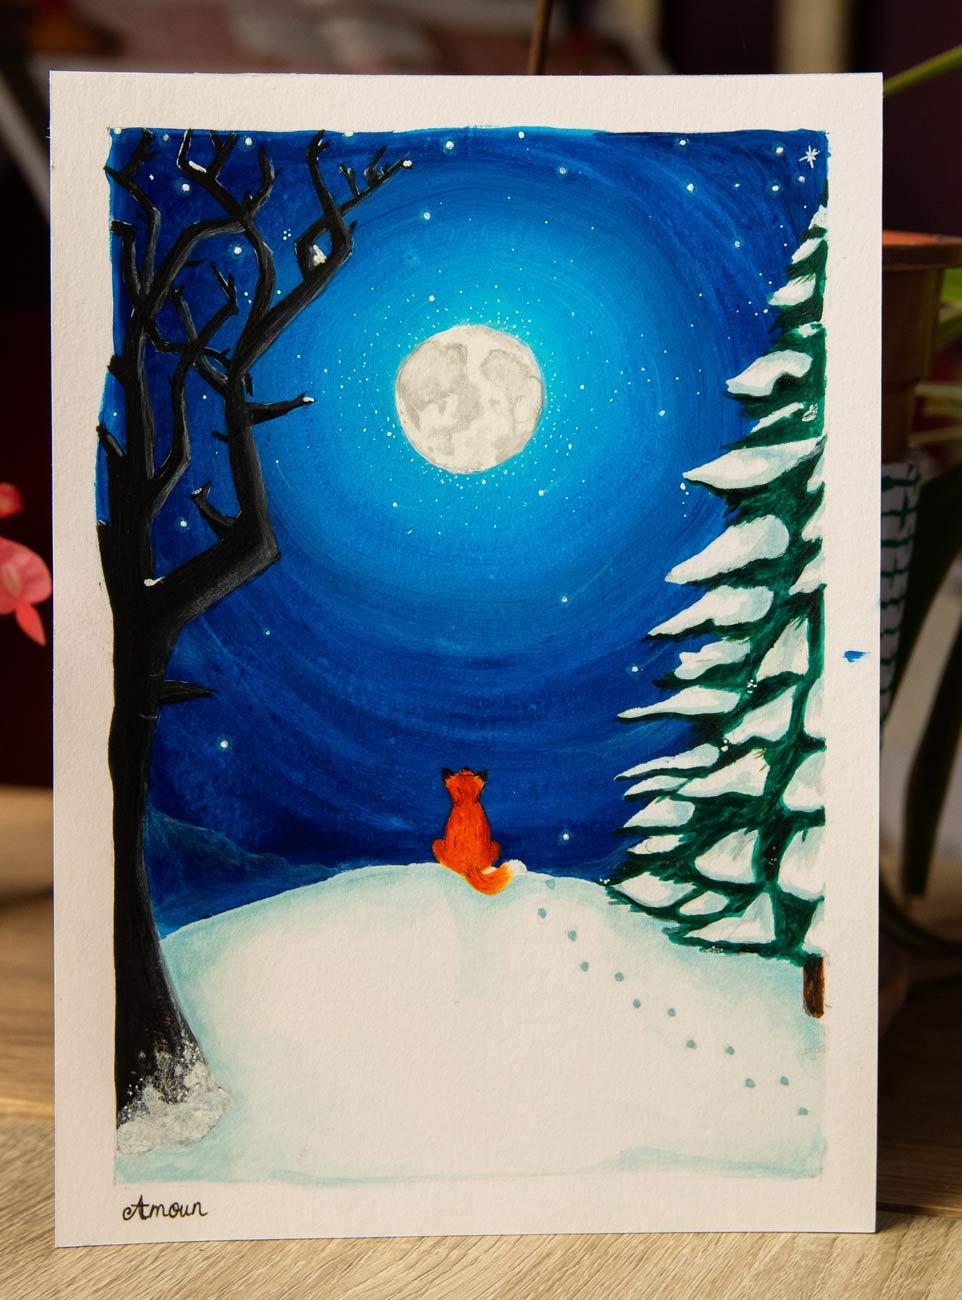 snow moon en entier